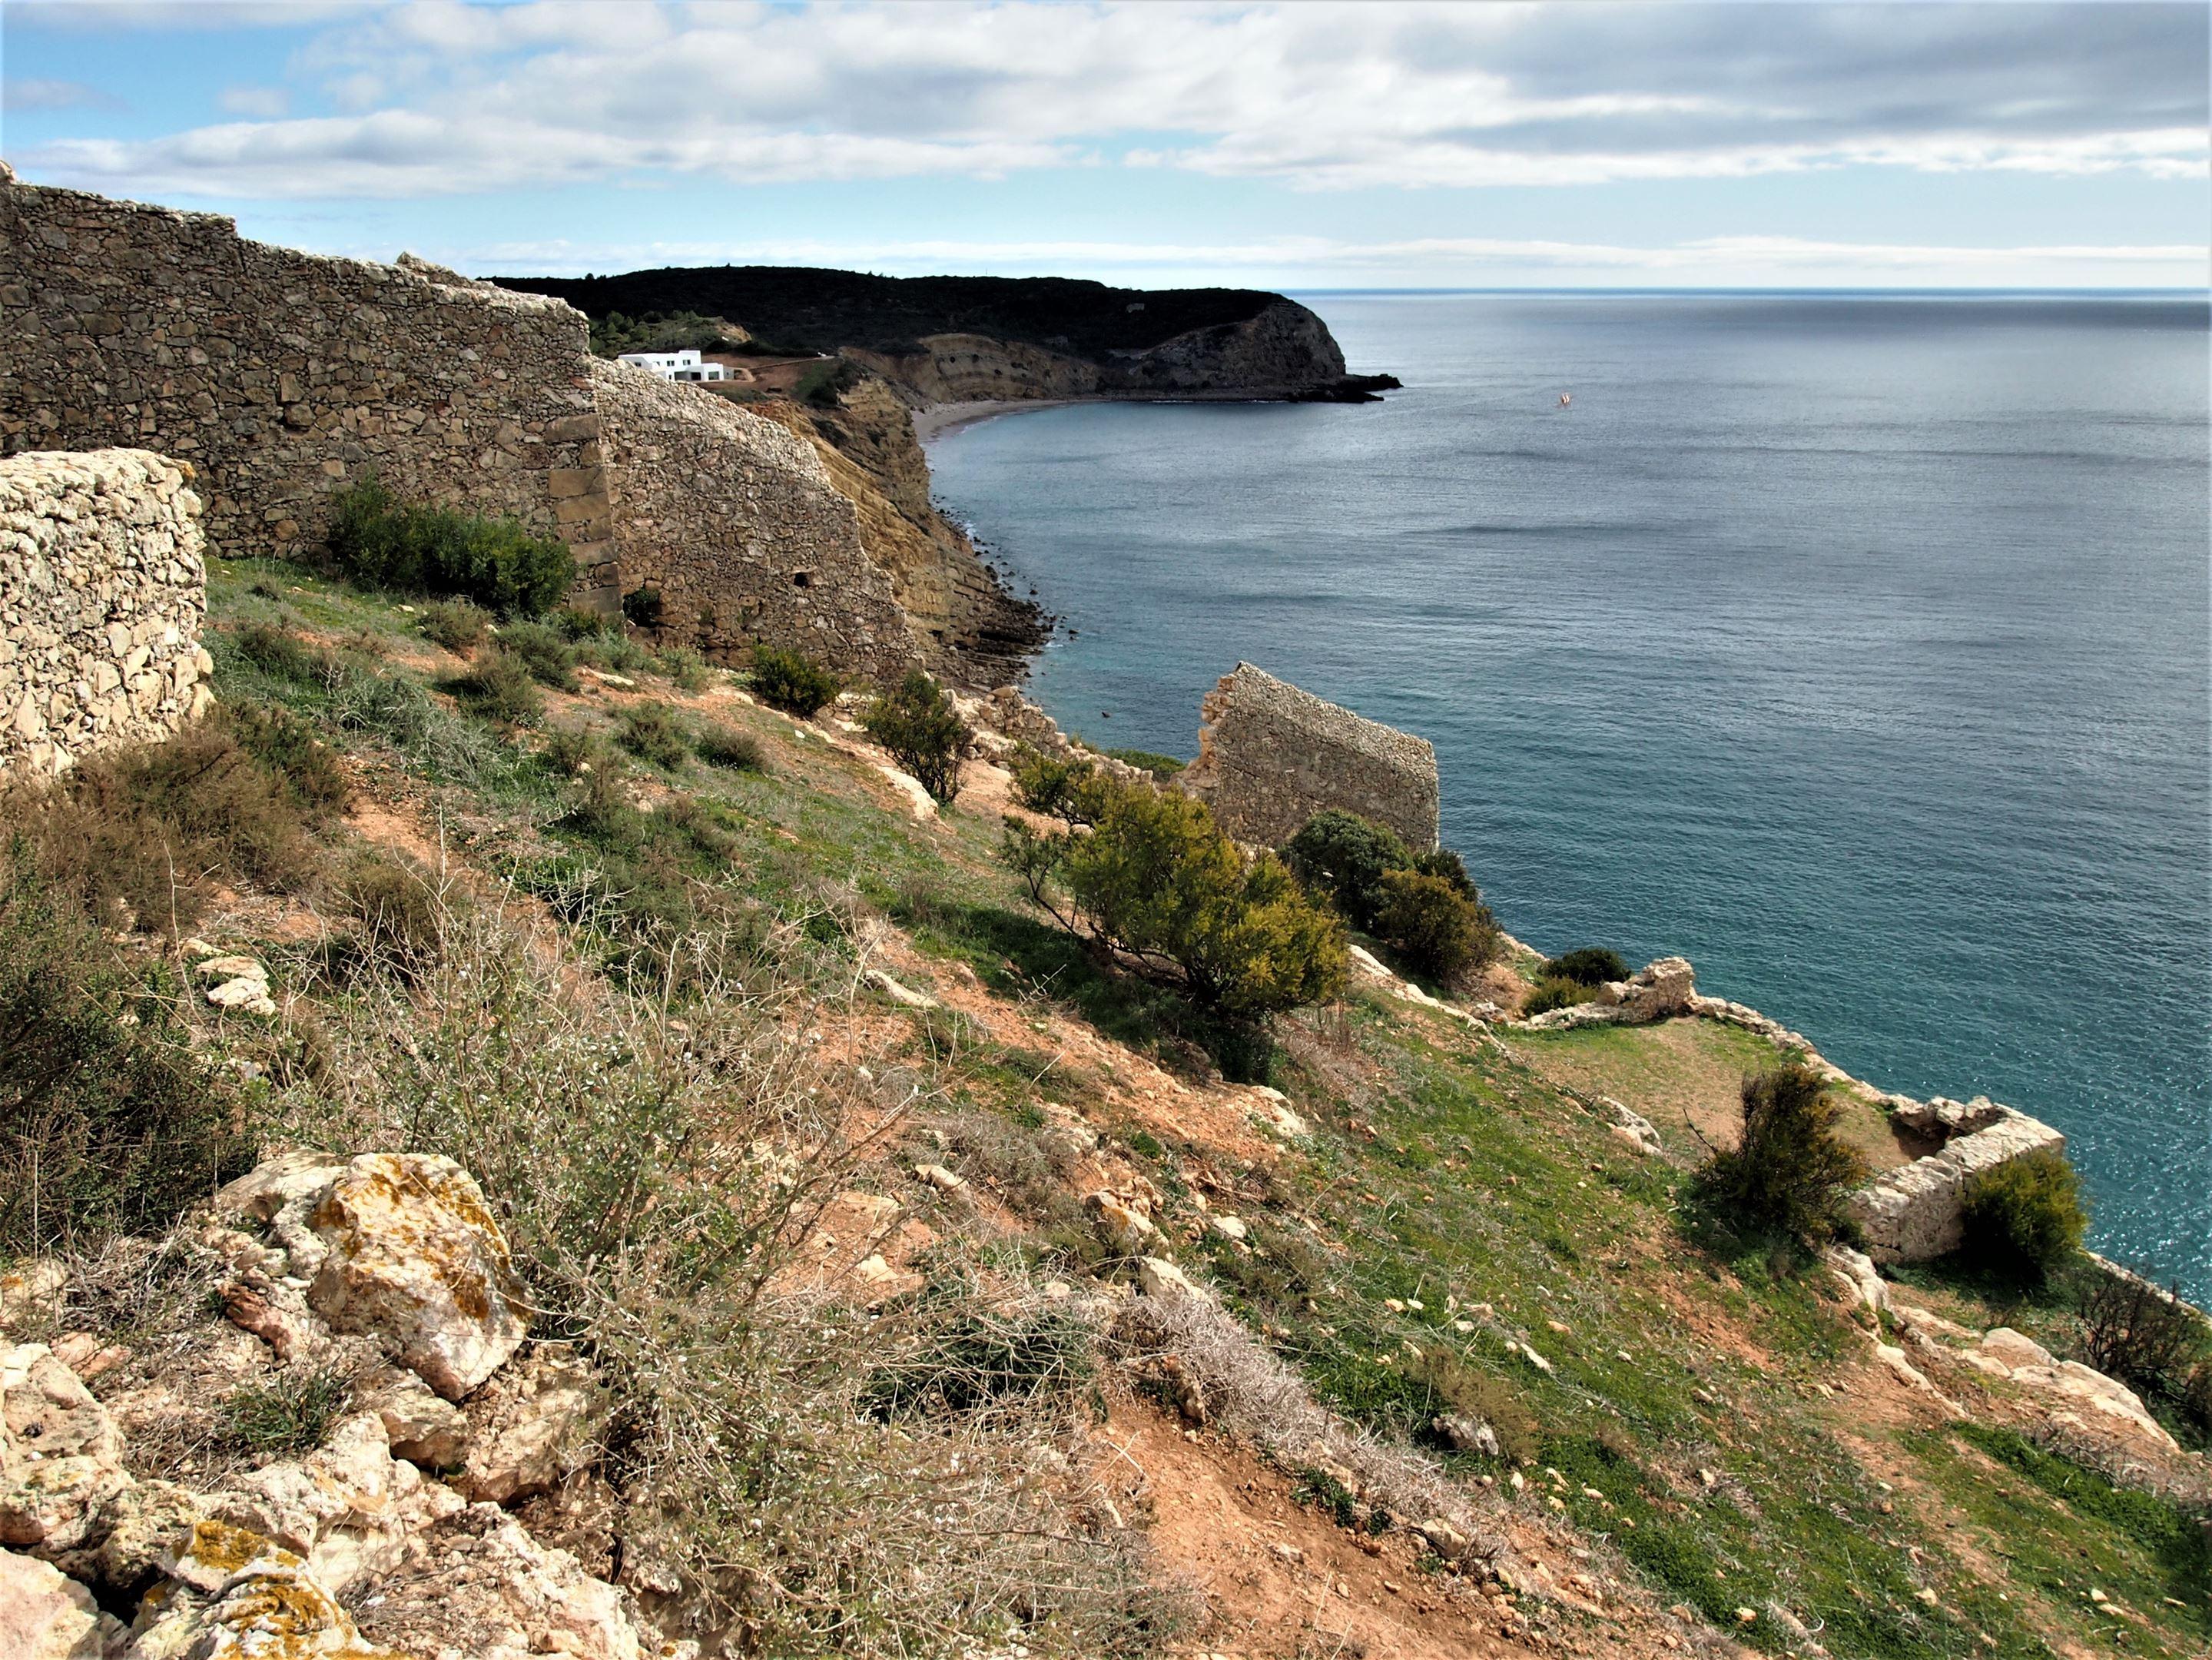 Vistas de la costa de Vila do Bispo desde el Fuerte de Almádena, Algarve